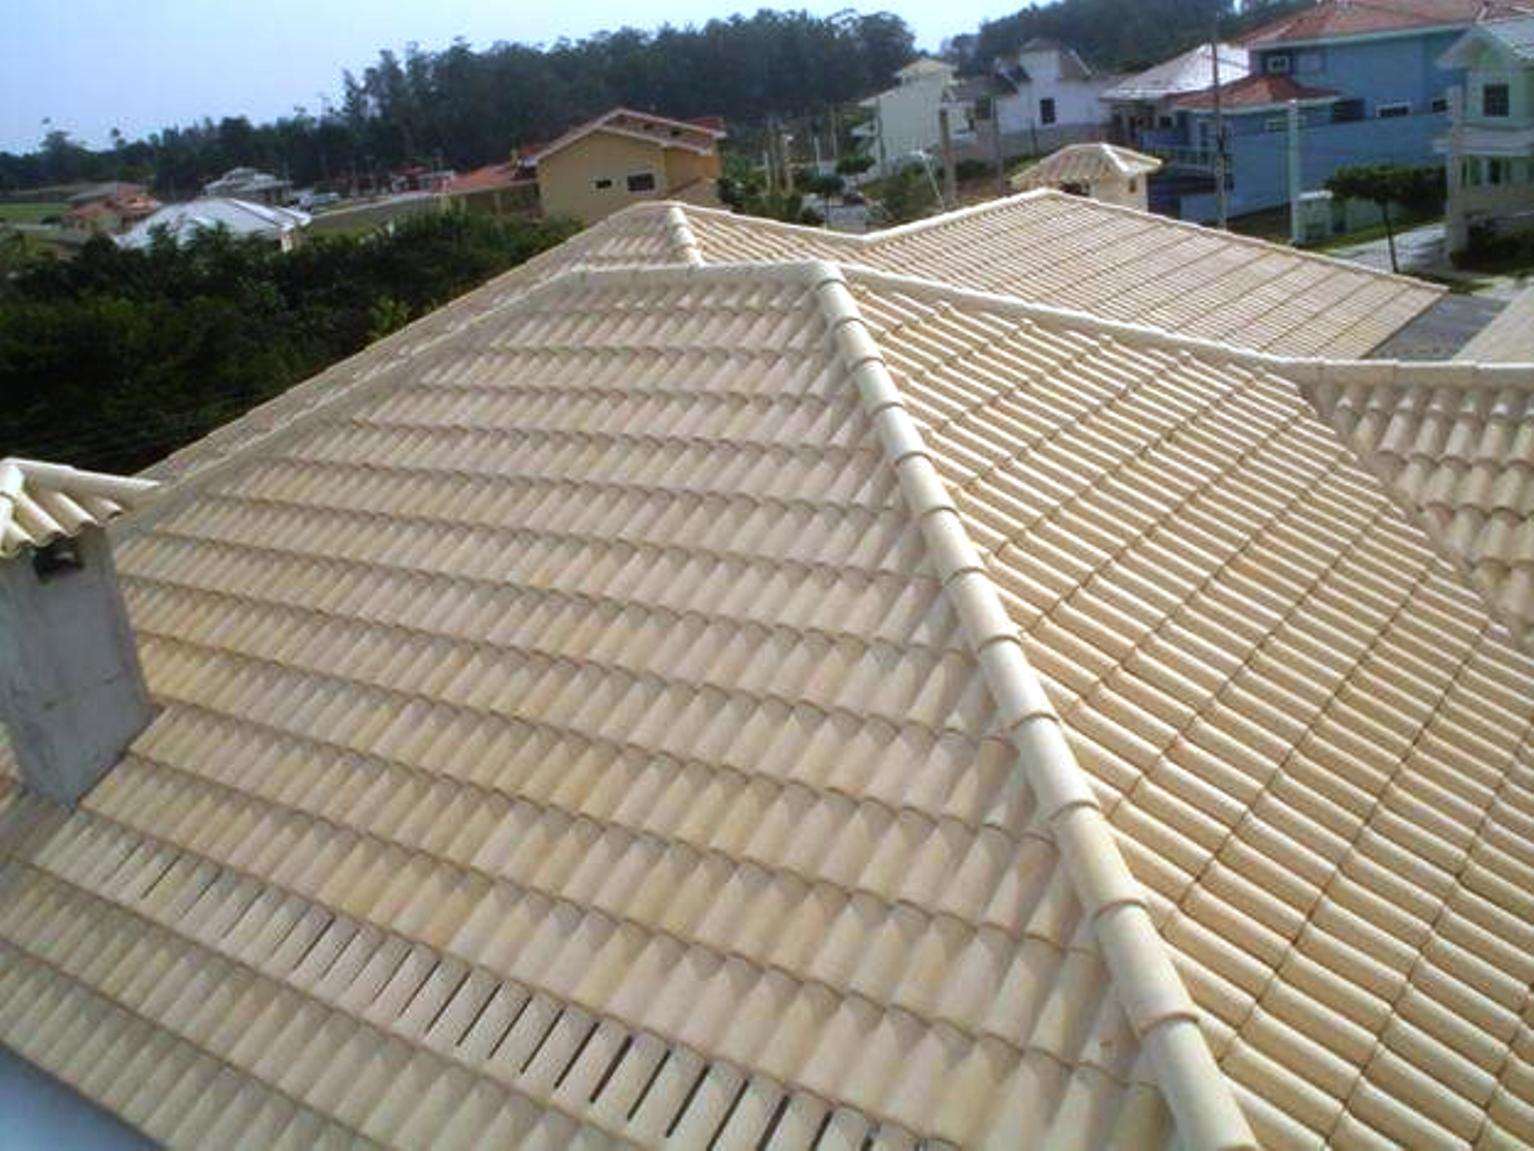 Telhado cerâmico com telhas brancas: Uma alternativa sem pintura do telhado branco